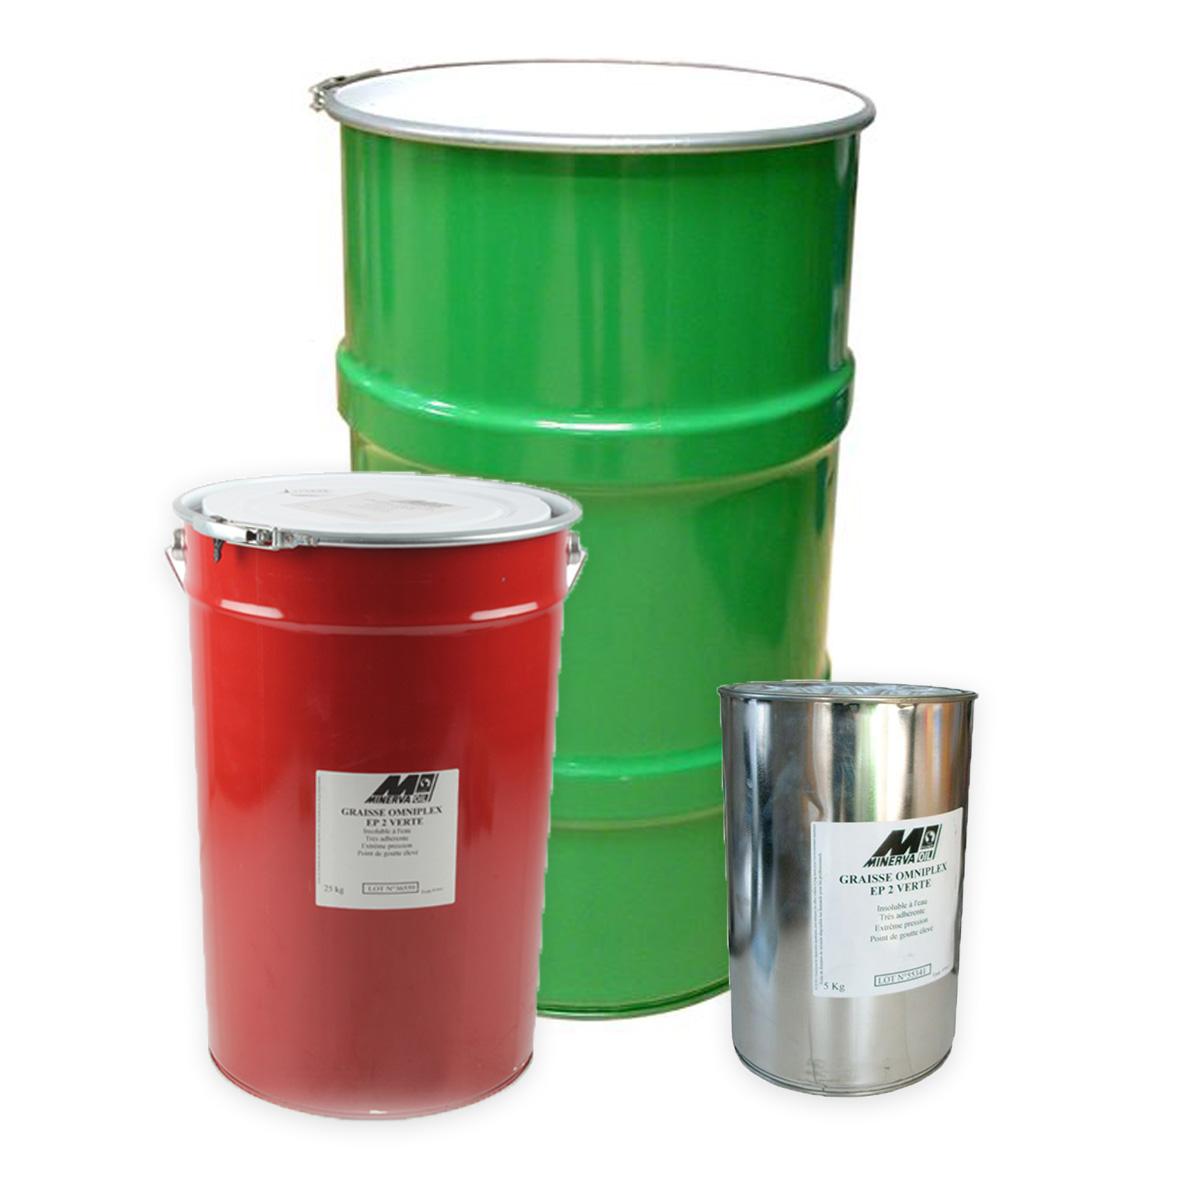 Graisse extrême-pression OMNIPLEX EP2 VERTE, pot métallique de 5kg